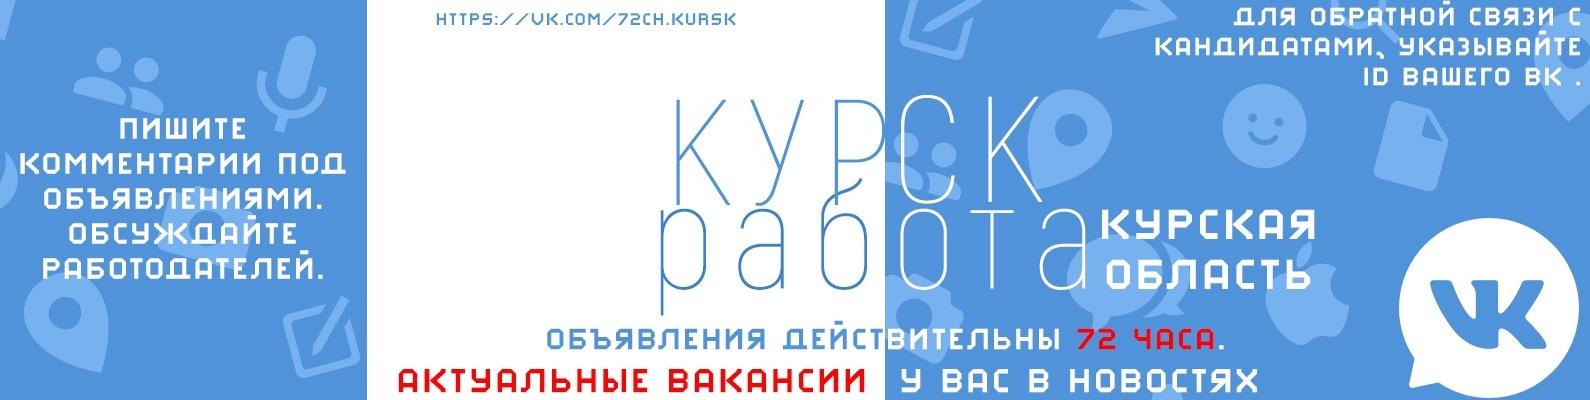 Вакансии бухгалтера в железногорске курской области работа бухгалтером на дому вакансии мытищи